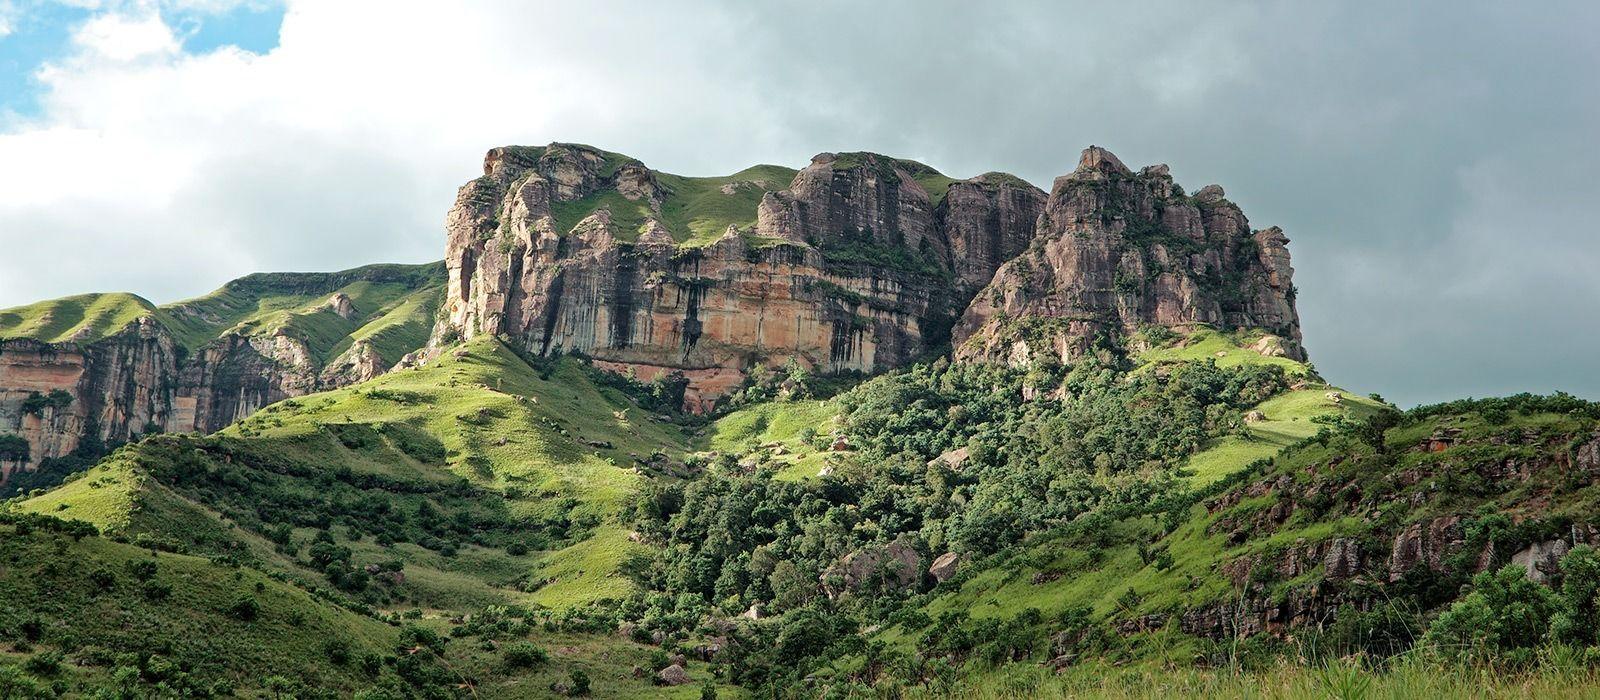 Destination Central & Northern Drakensberg South Africa